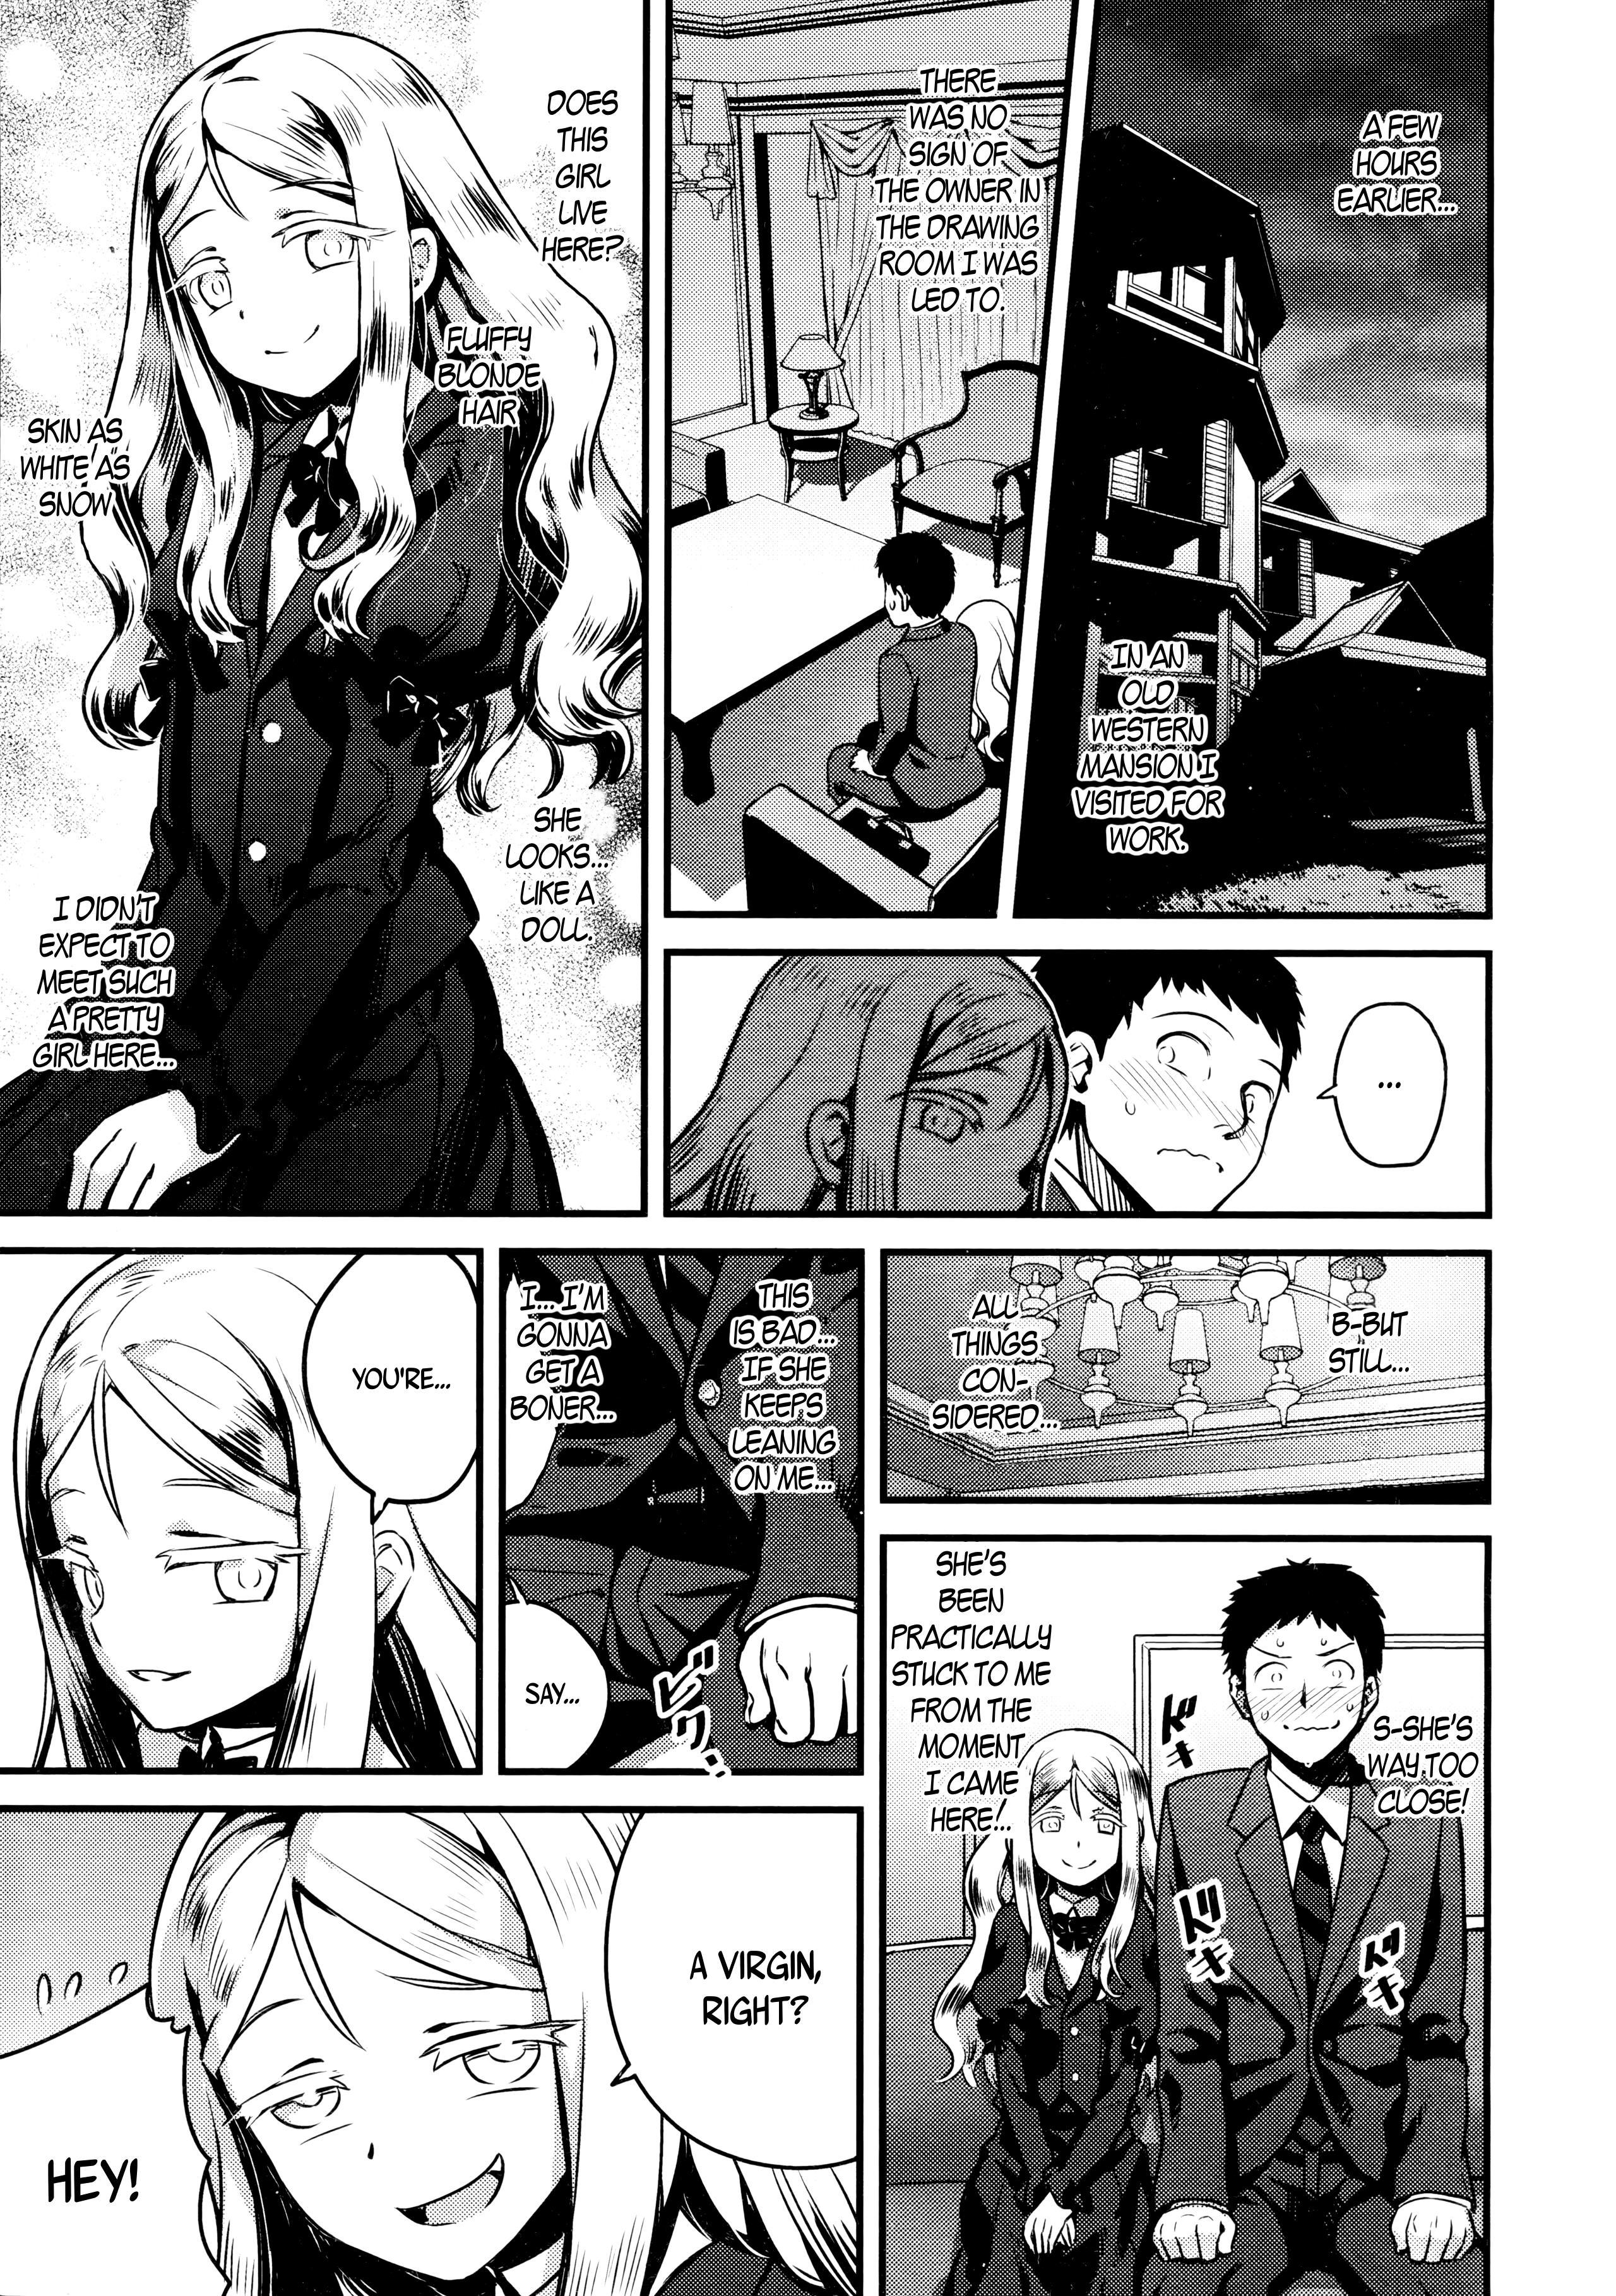 Yupiel-sama no Geboku | Lady Yupiel's Servant 4